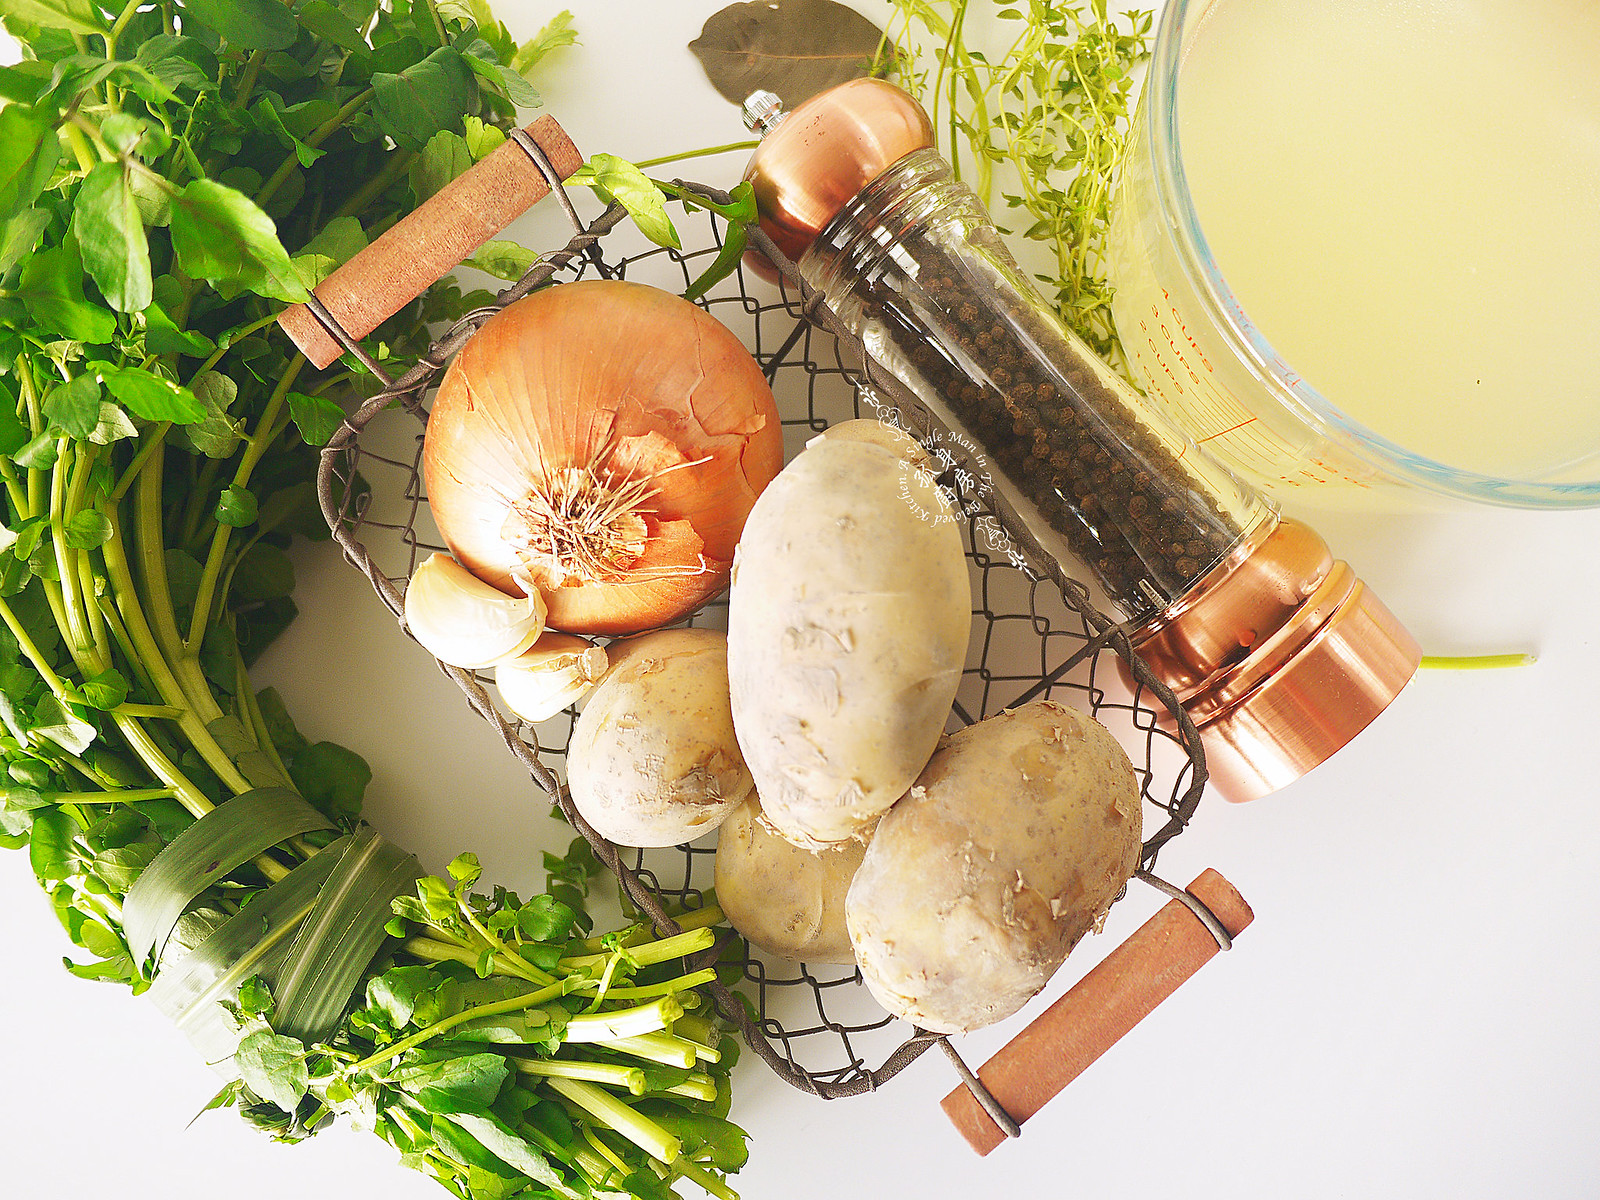 孤身廚房-西洋菜馬鈴薯濃湯2